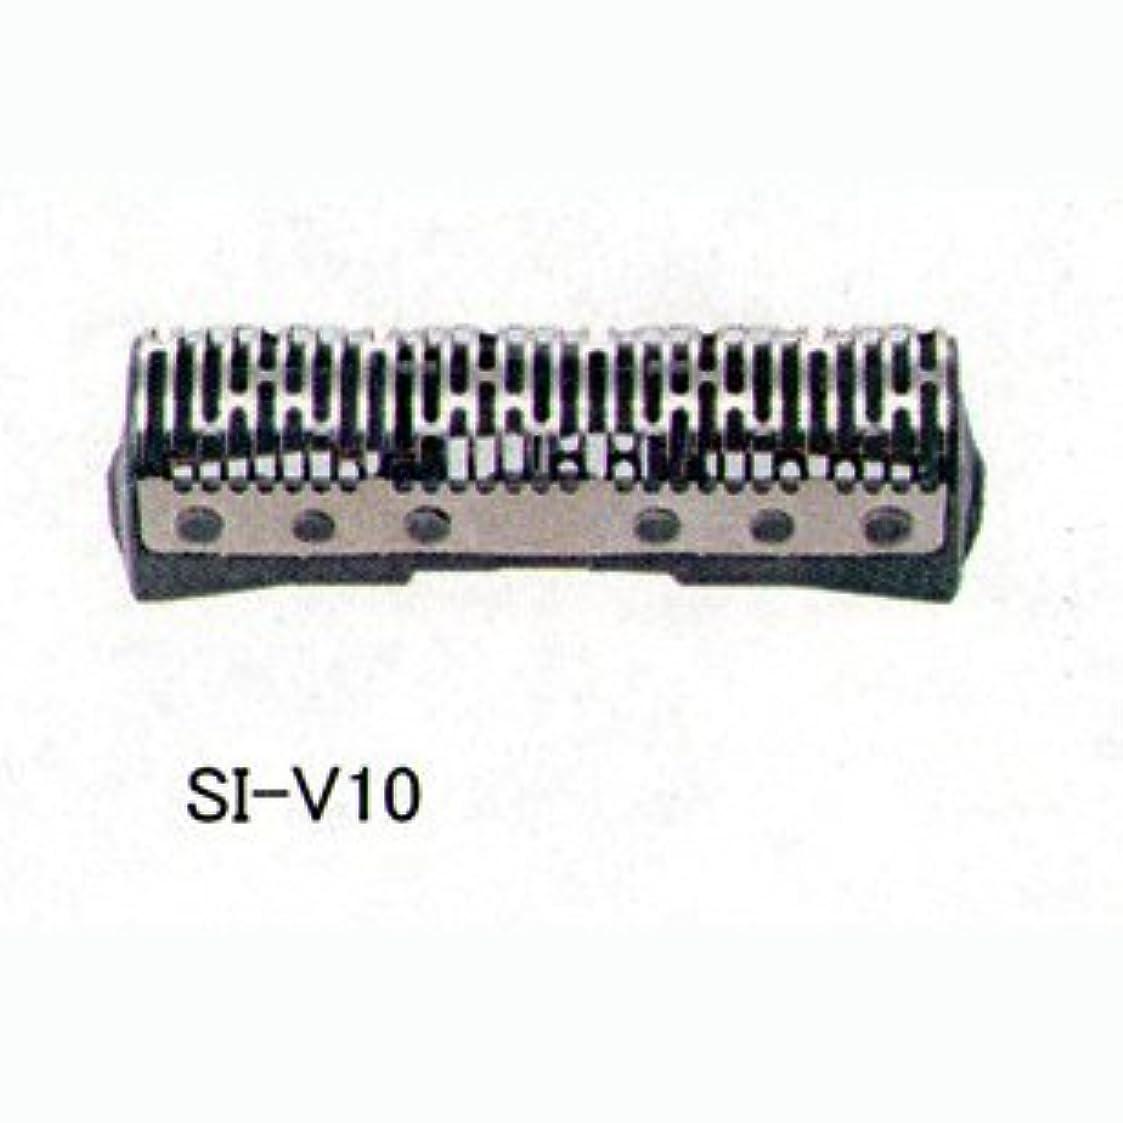 掃除パネル付き添い人IZUMI シェーバー用替刃(内刃) SI-V10